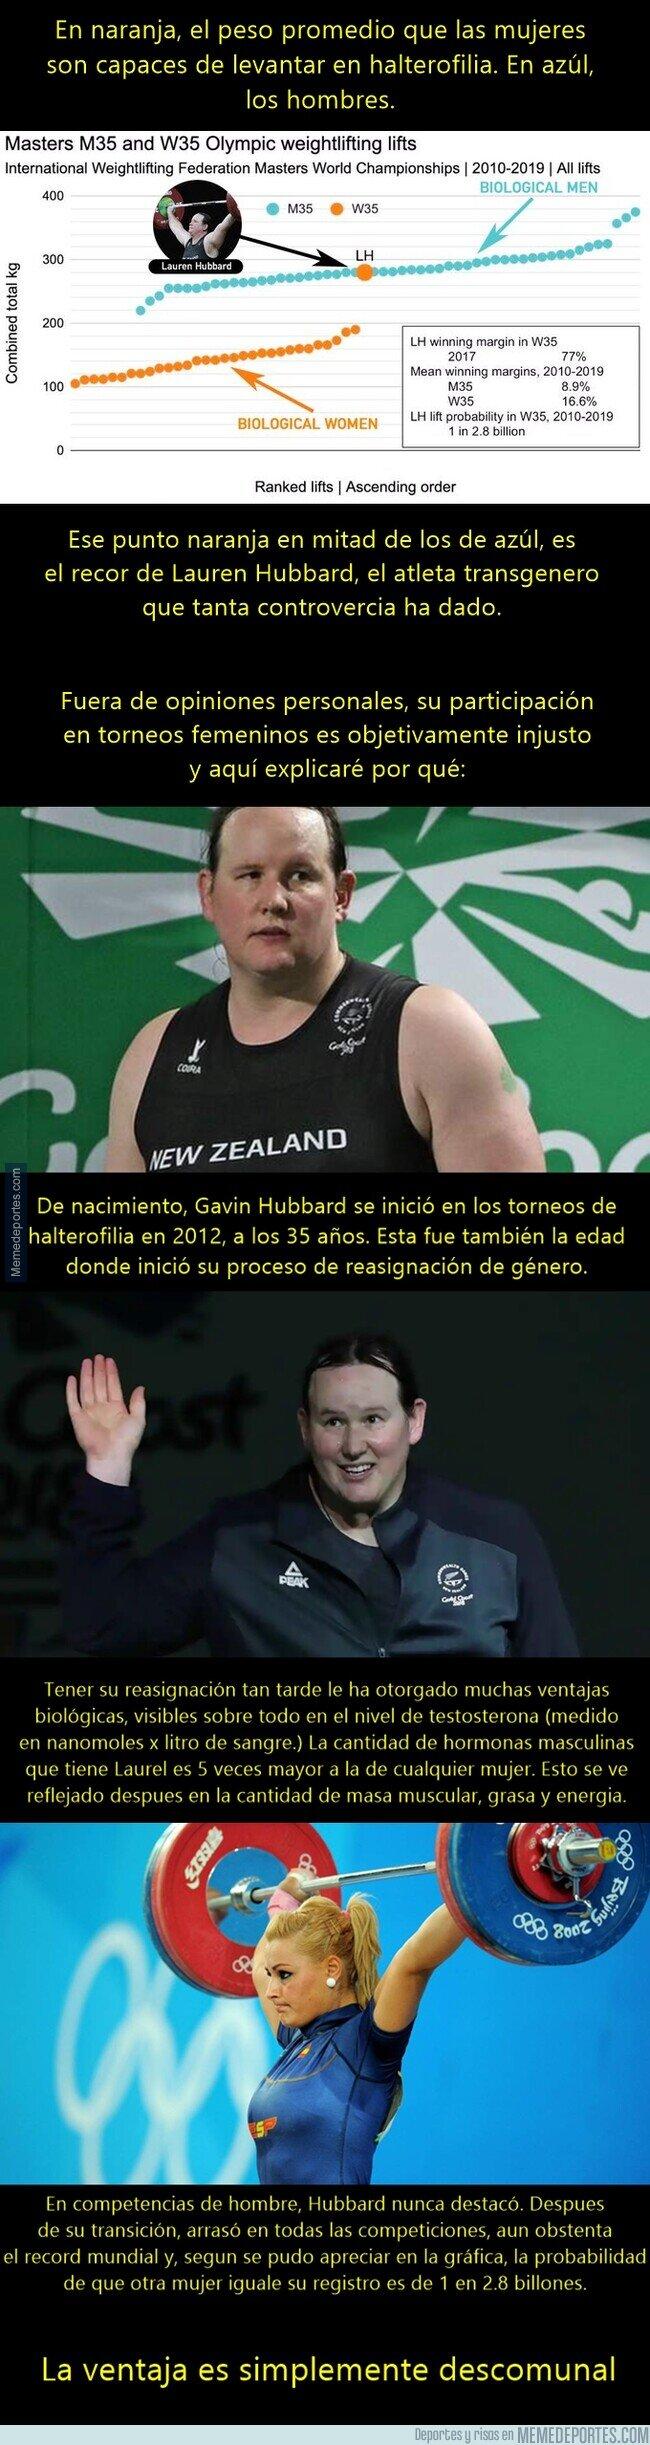 1140731 - Por qué no debería Laurel Hubbard competir en estos juegos olímpicos